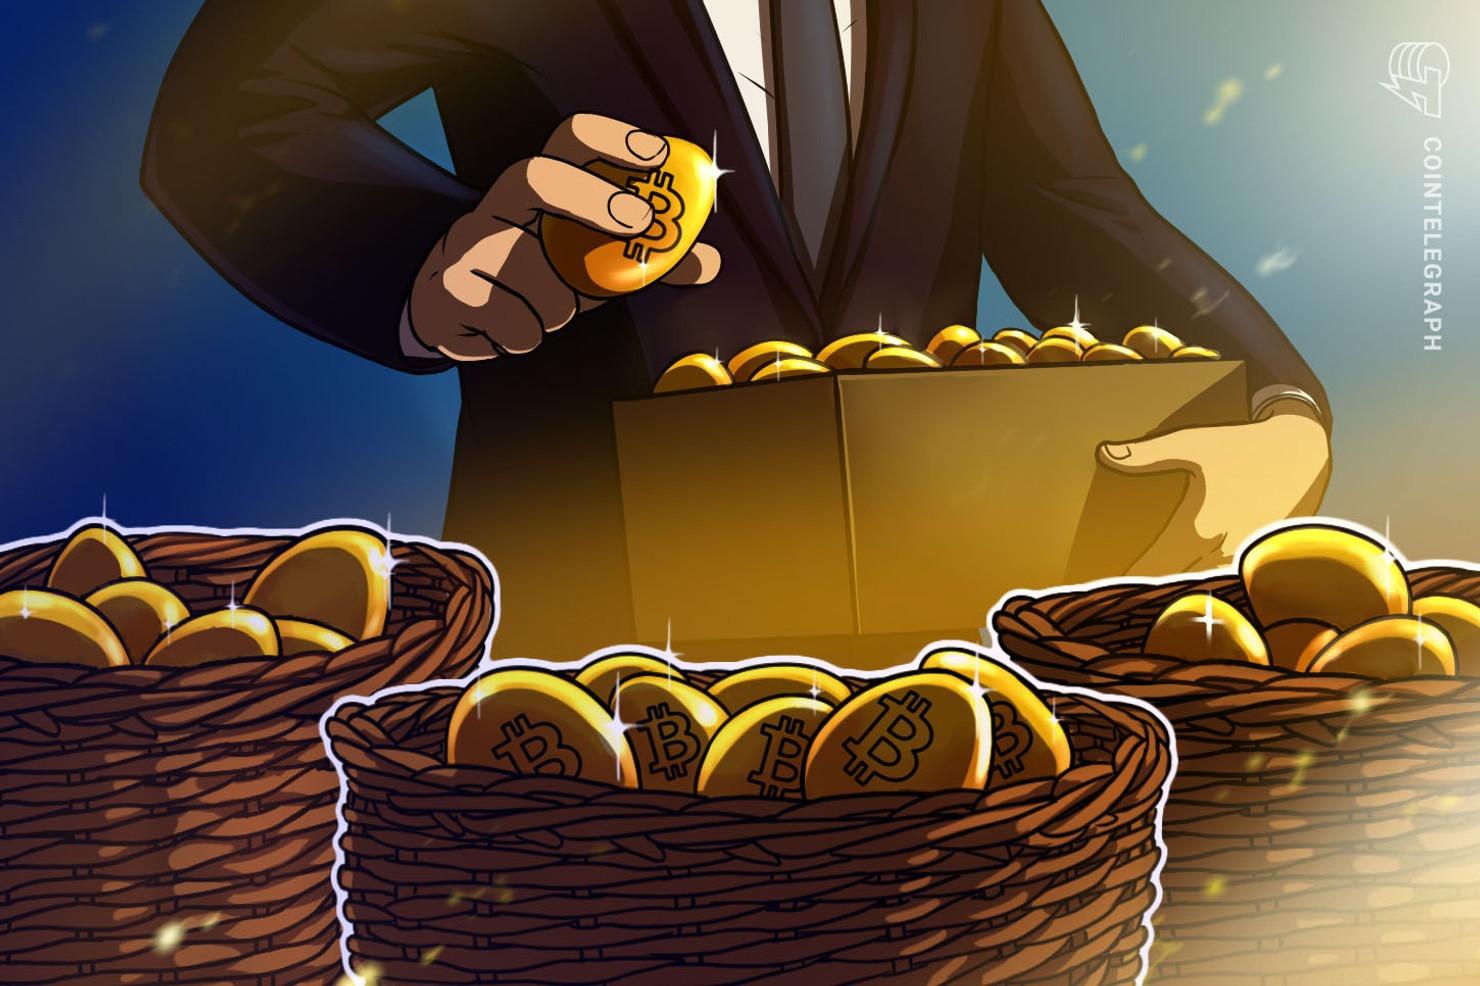 今後20年の最適なポートフォリオは?仮想通貨ビットコインに大胆提案【仮想通貨相場】